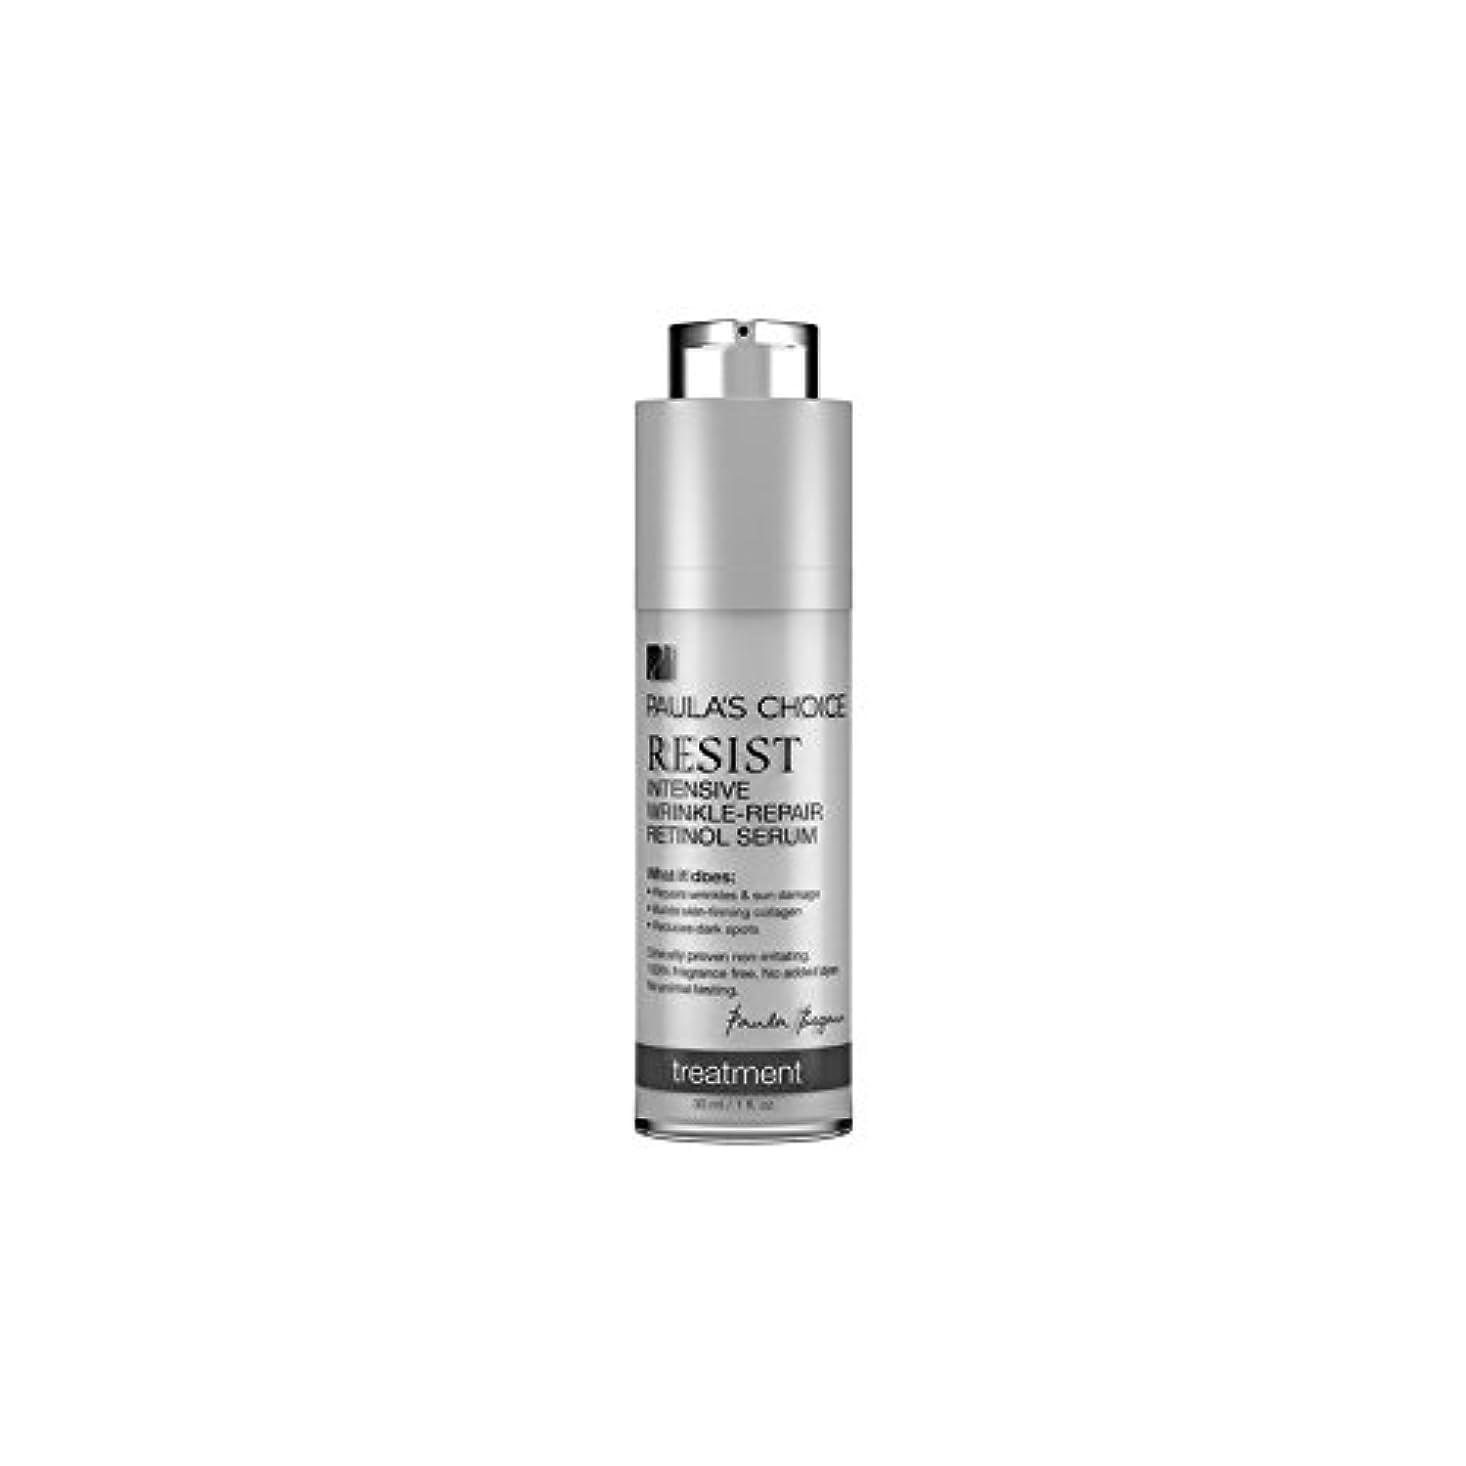 頼る静的嫌なPaula's Choice Resist Intensive Wrinkle-Repair Retinol Serum (30ml) (Pack of 6) - ポーラチョイスは、集中的なしわ修復レチノール血清(30ミリリットル...